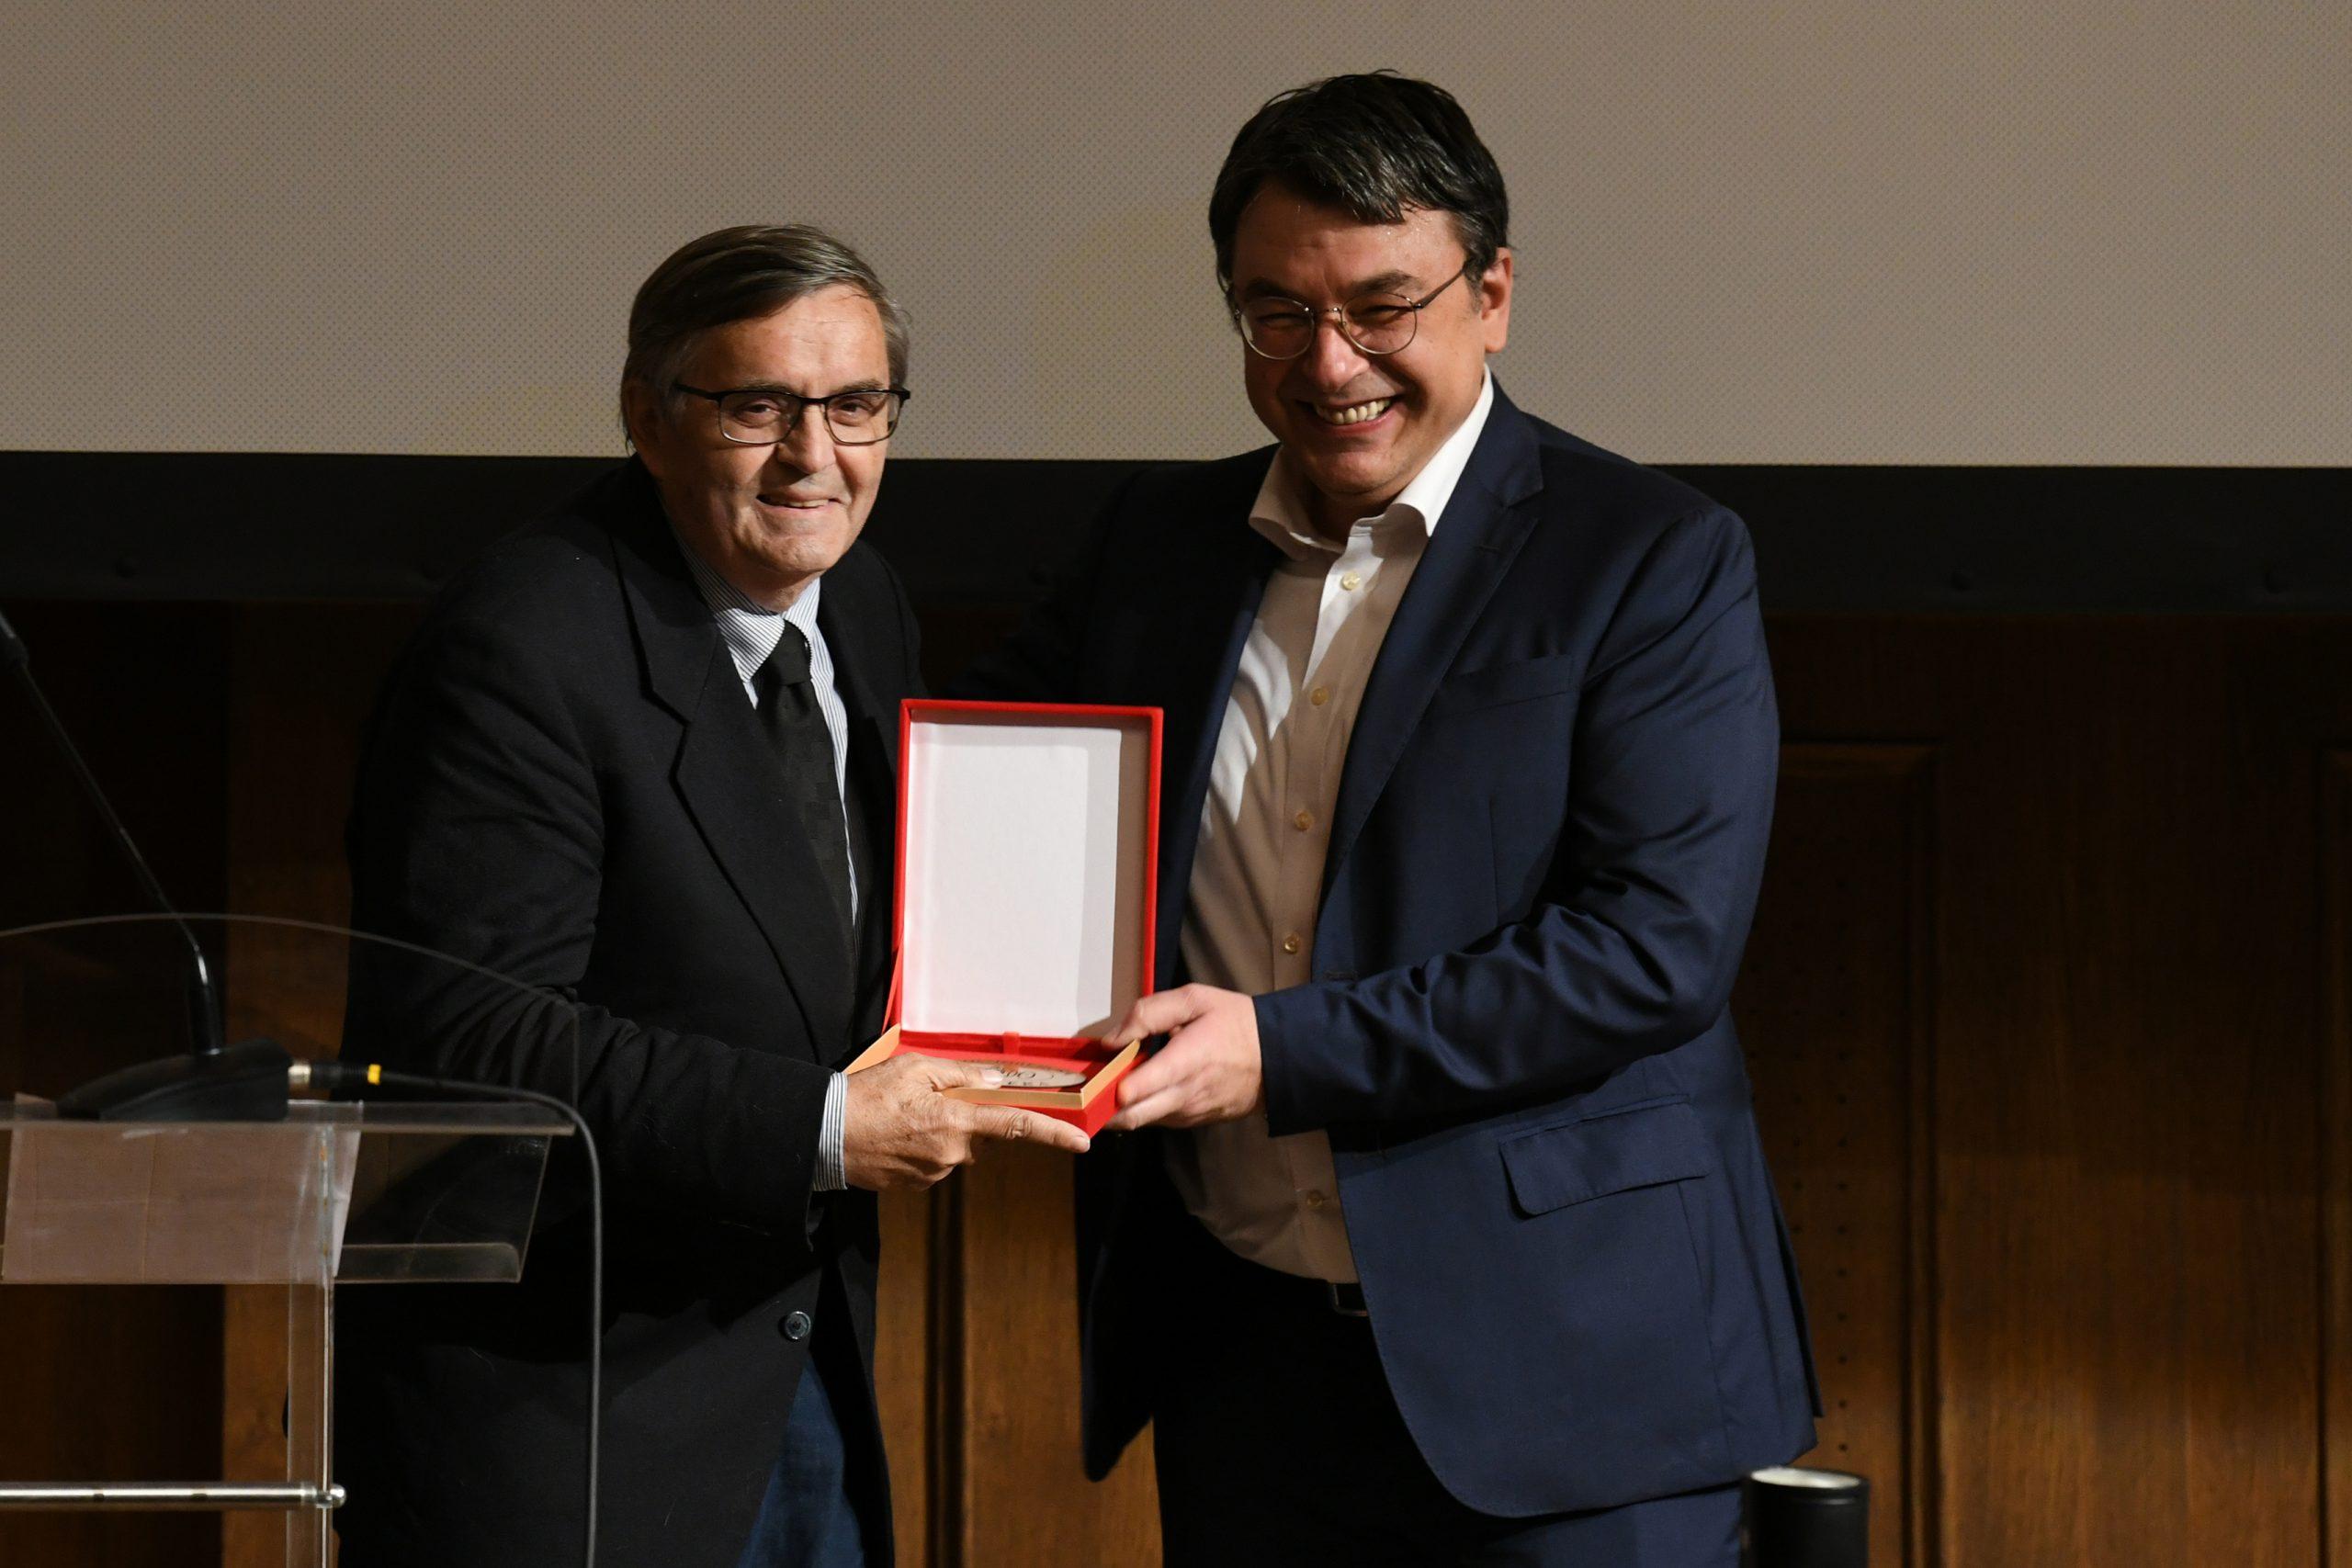 Jugoslovenska kinoteka dodela priznanja Zlatni pecat Radoslav Zelenovic i Jugoslav Pantelic